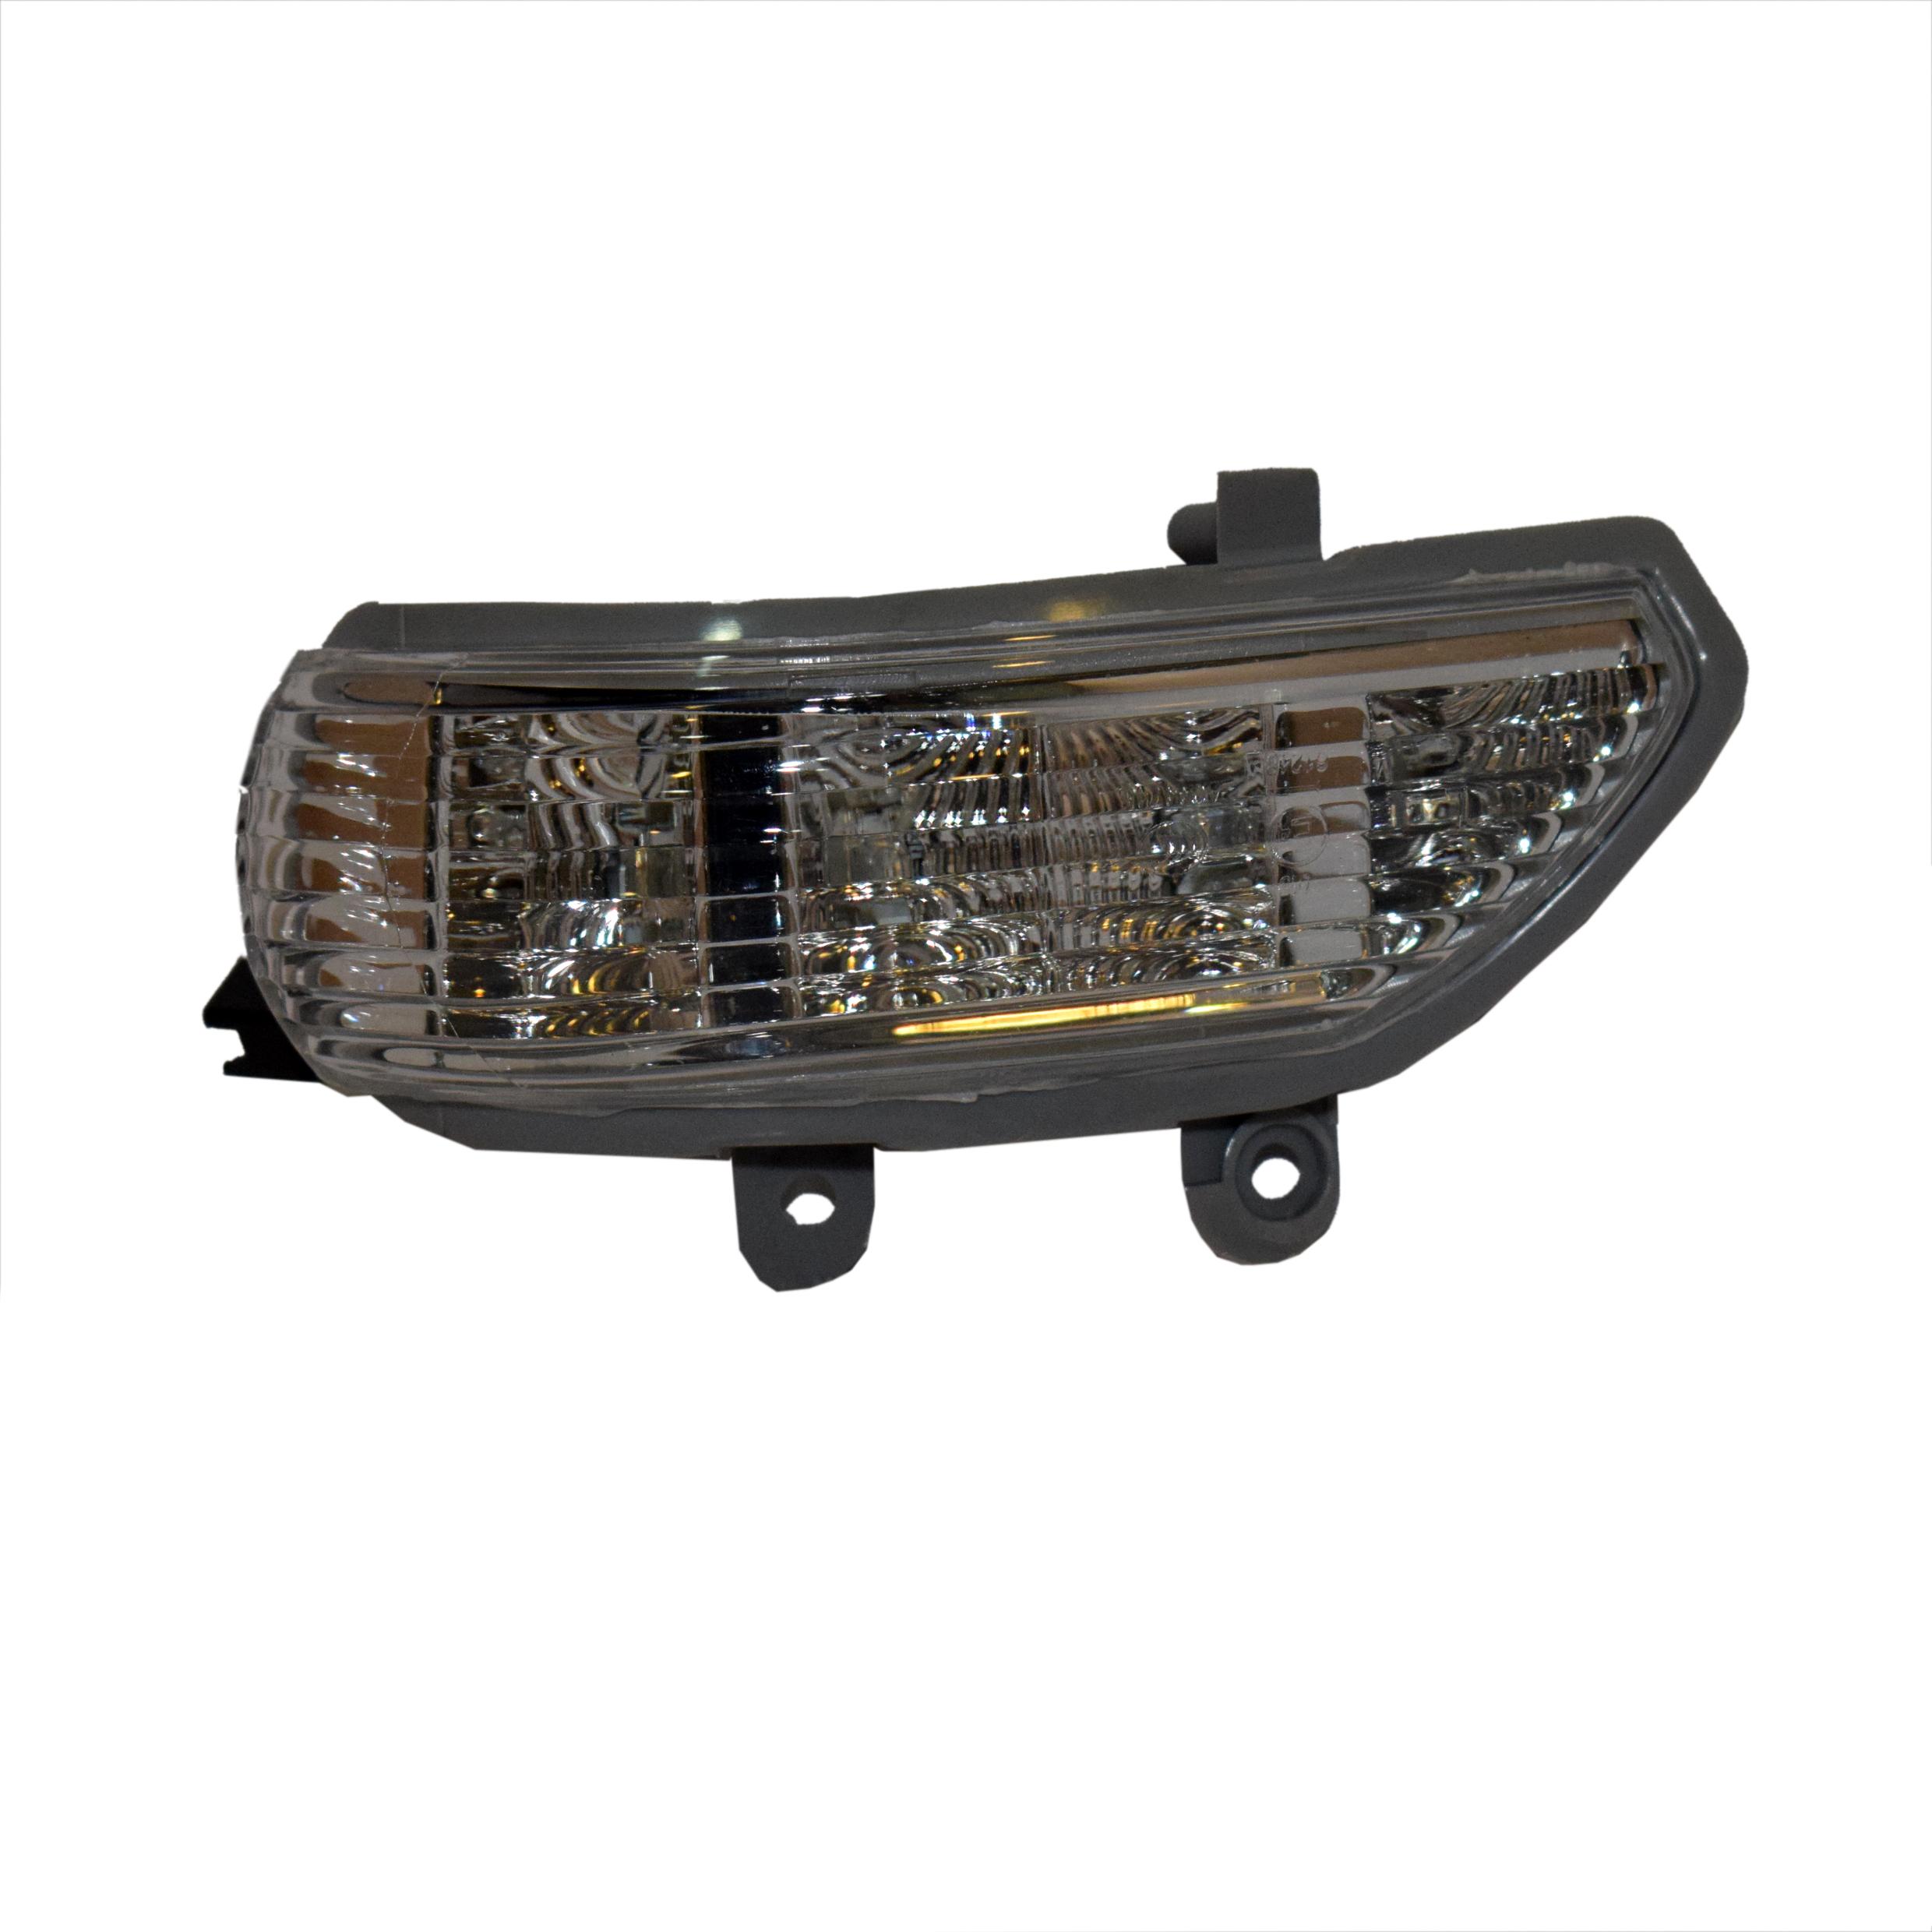 چراغ آينه چپ جک موتورز مدل  S8210L24040-50005 مناسب برای جک j5